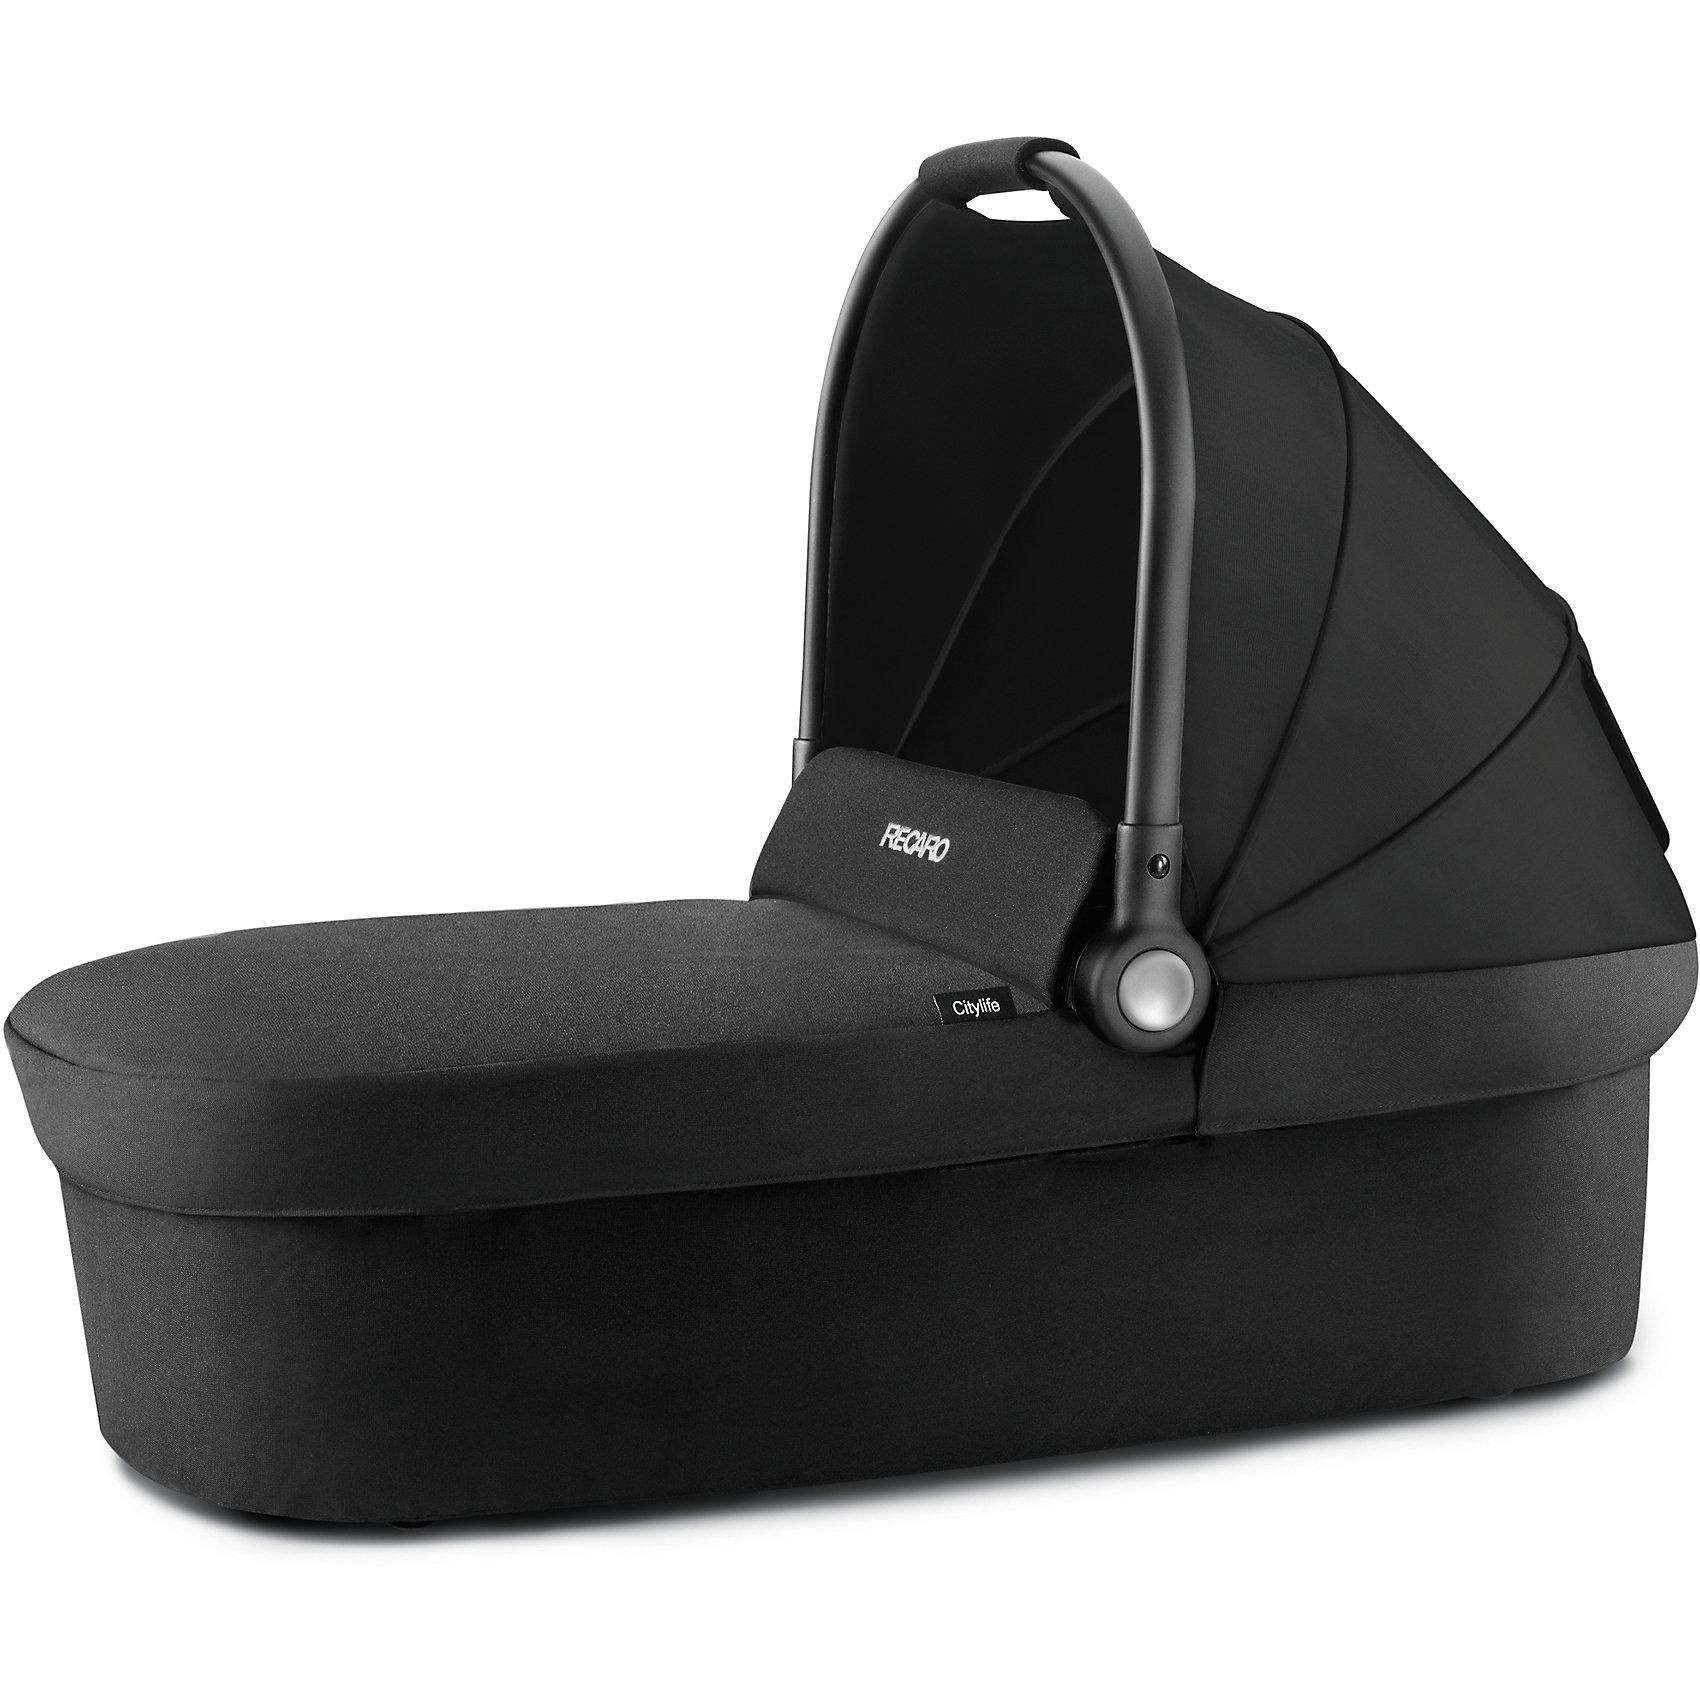 Люлька для коляски Recaro Citylife,Коляски для новорожденных<br>Характеристики люльки Citylife:<br><br>• люлька с ручкой для переноски, удобна при транспортировке, позволяет перенести люльку вместе со спящим малышом;<br>• жесткое дно люльки позволяет малышу лежать на ровной поверхности – выгодное условие для неокрепшего позвоночника;<br>• регулируемый капор люльки оснащен смотровым окошком;<br>• накидка на люльку защищает кроху от ветра и сквозняков;<br>• люлька устанавливается на шасси коляски Recaro с помощью специальных адаптеров;<br>• материал: пластик, полиэстер, хлопок.<br><br>Внешние размеры люльки Ситилайф: 83x39x20 см<br>Внутренние размеры люльки: 82x38x19 см<br>Максимальная нагрузка на люльку: 9 кг<br><br>Люльку для коляски Citylife, Recaro можно купить в нашем интернет-магазине.<br><br>Ширина мм: 450<br>Глубина мм: 650<br>Высота мм: 750<br>Вес г: 5000<br>Возраст от месяцев: 6<br>Возраст до месяцев: 432<br>Пол: Унисекс<br>Возраст: Детский<br>SKU: 5464656